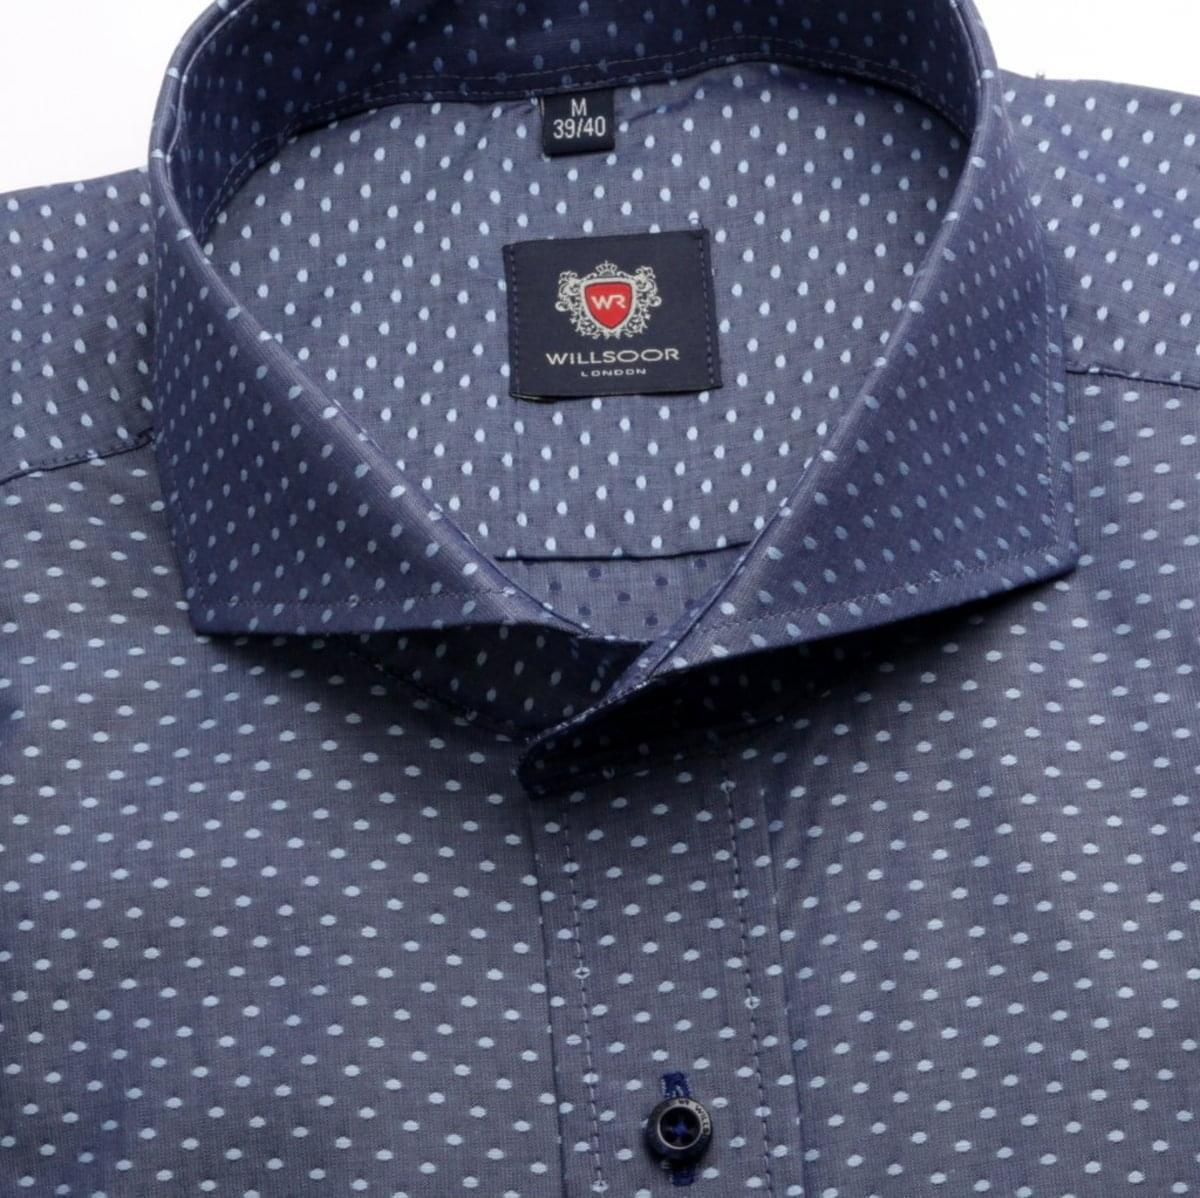 Košile WR London (výška 176-182) 4301 176-182 / XL (43/44)